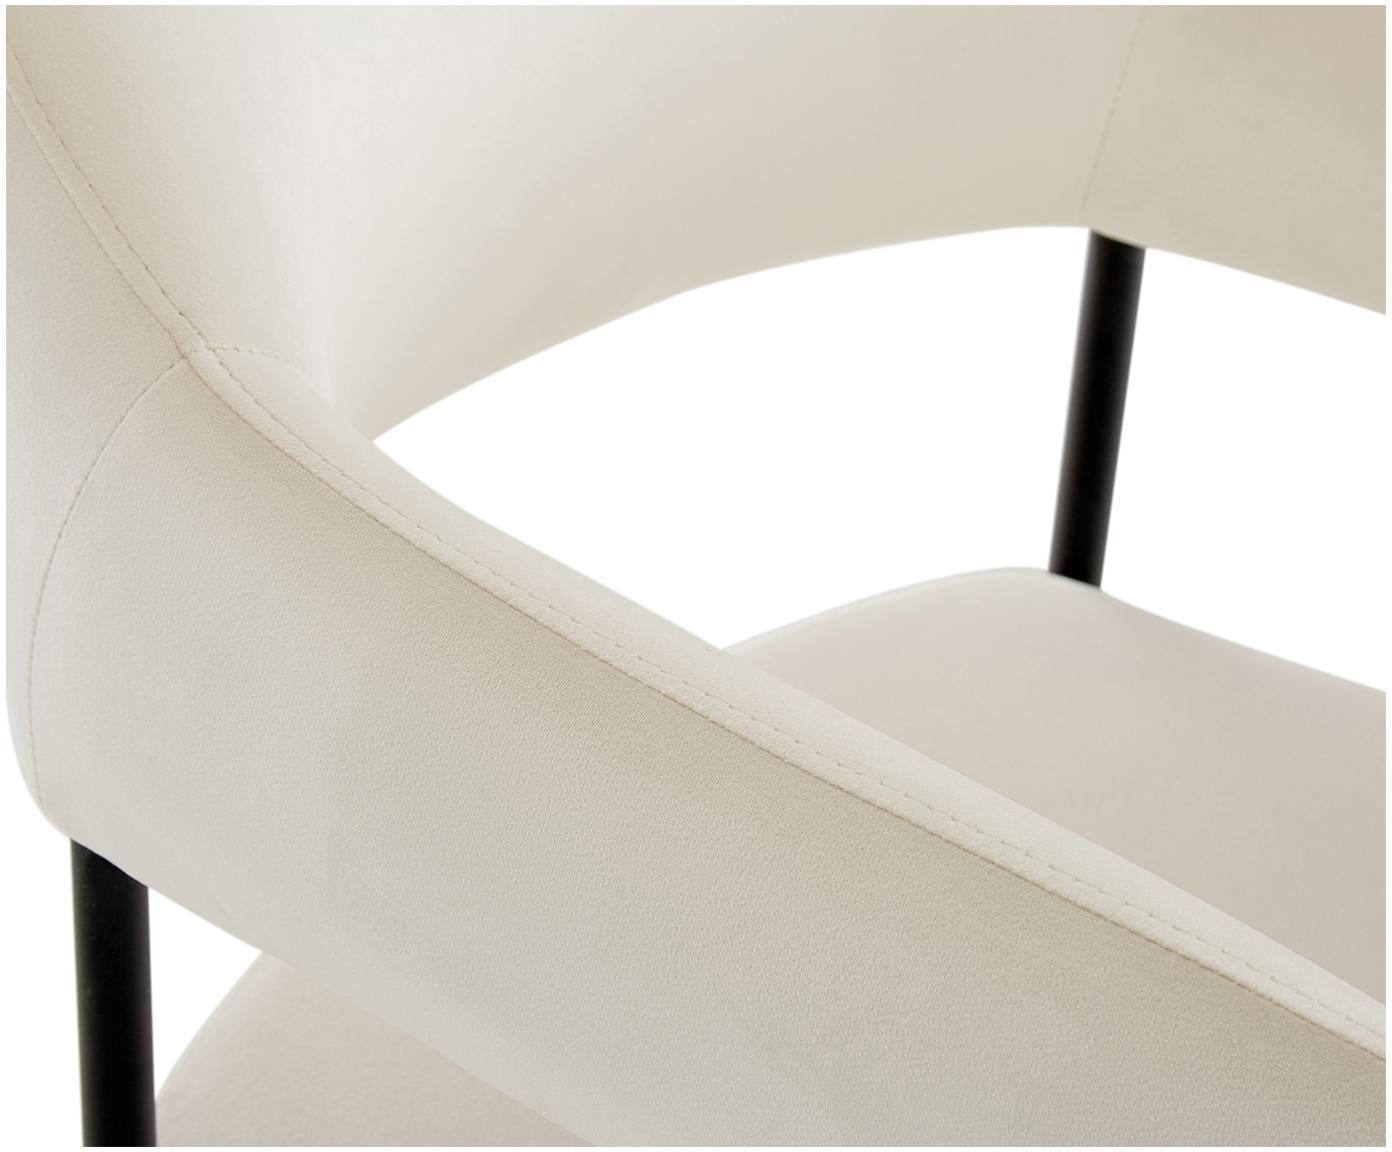 Silla con reposabrazos de terciopelo Zoe, Tapizado: terciopelo (poliéster) 50, Estructura: metal con pintura en polv, Terciopelo blanco crema, An 56 x F 62 cm